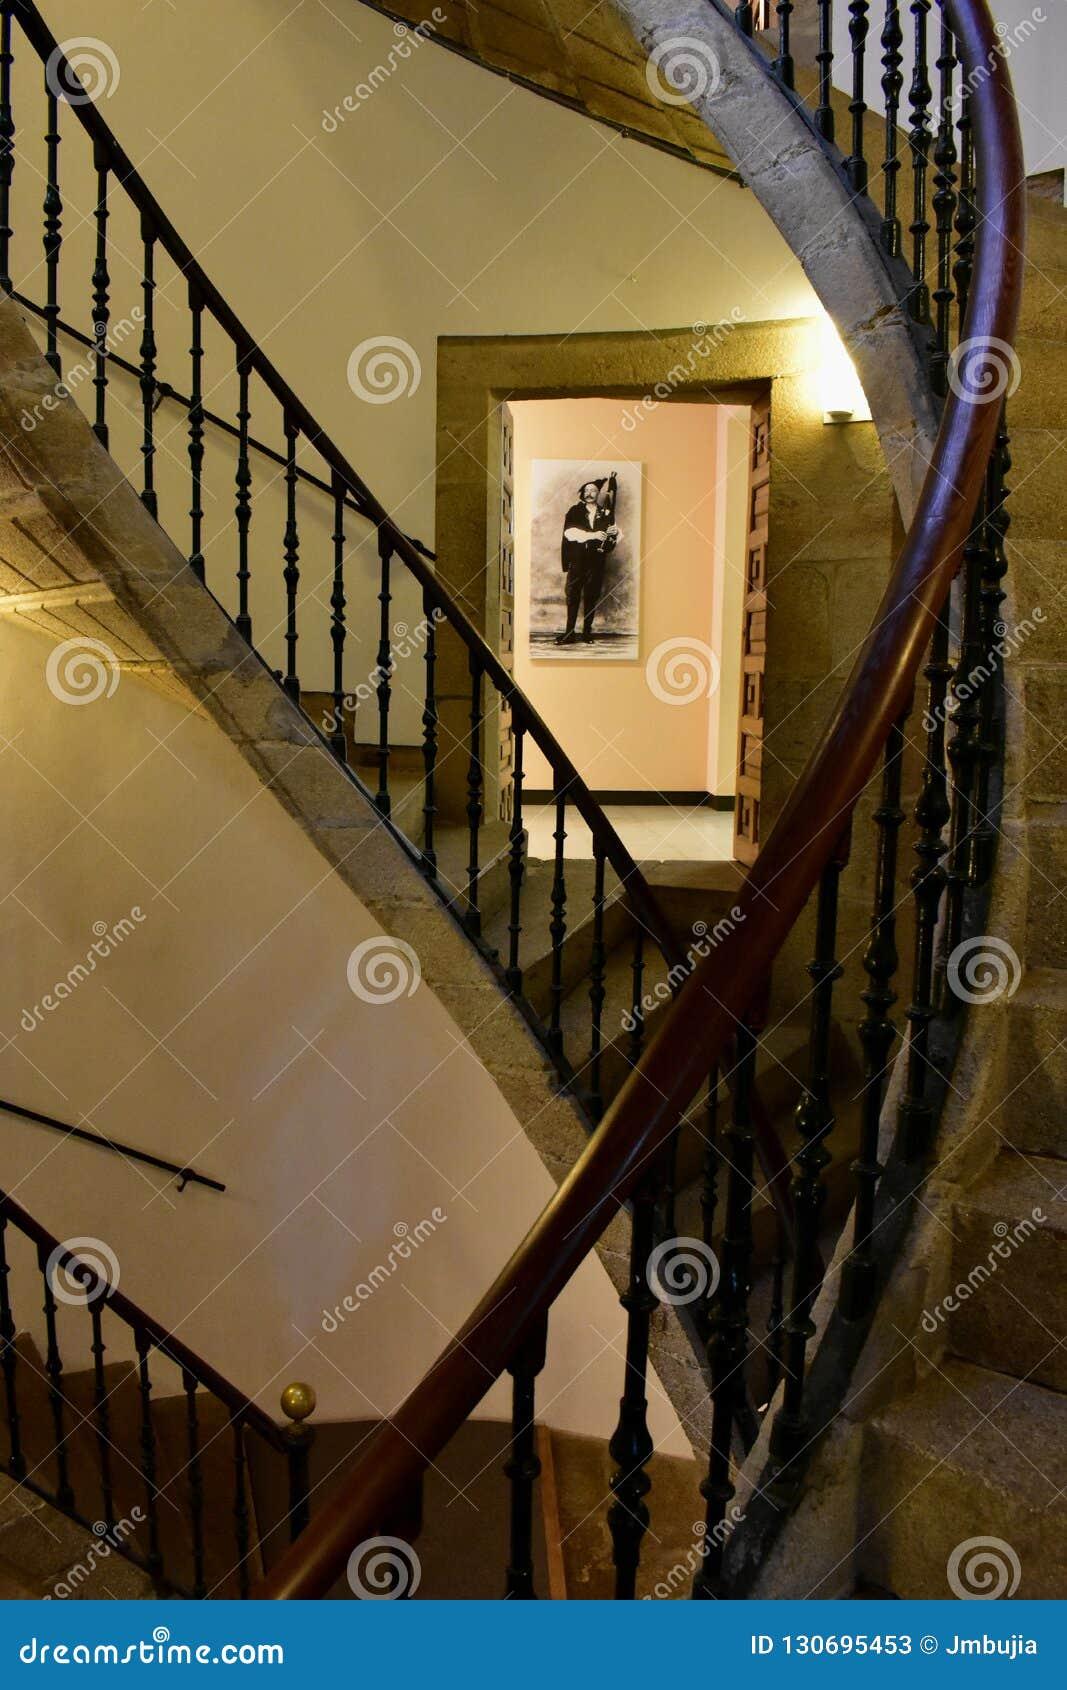 Santiago de Compostela, Spain Em setembro de 2018 Museu galego dos povos: Escadaria e gaiteiro helicoidais triplos